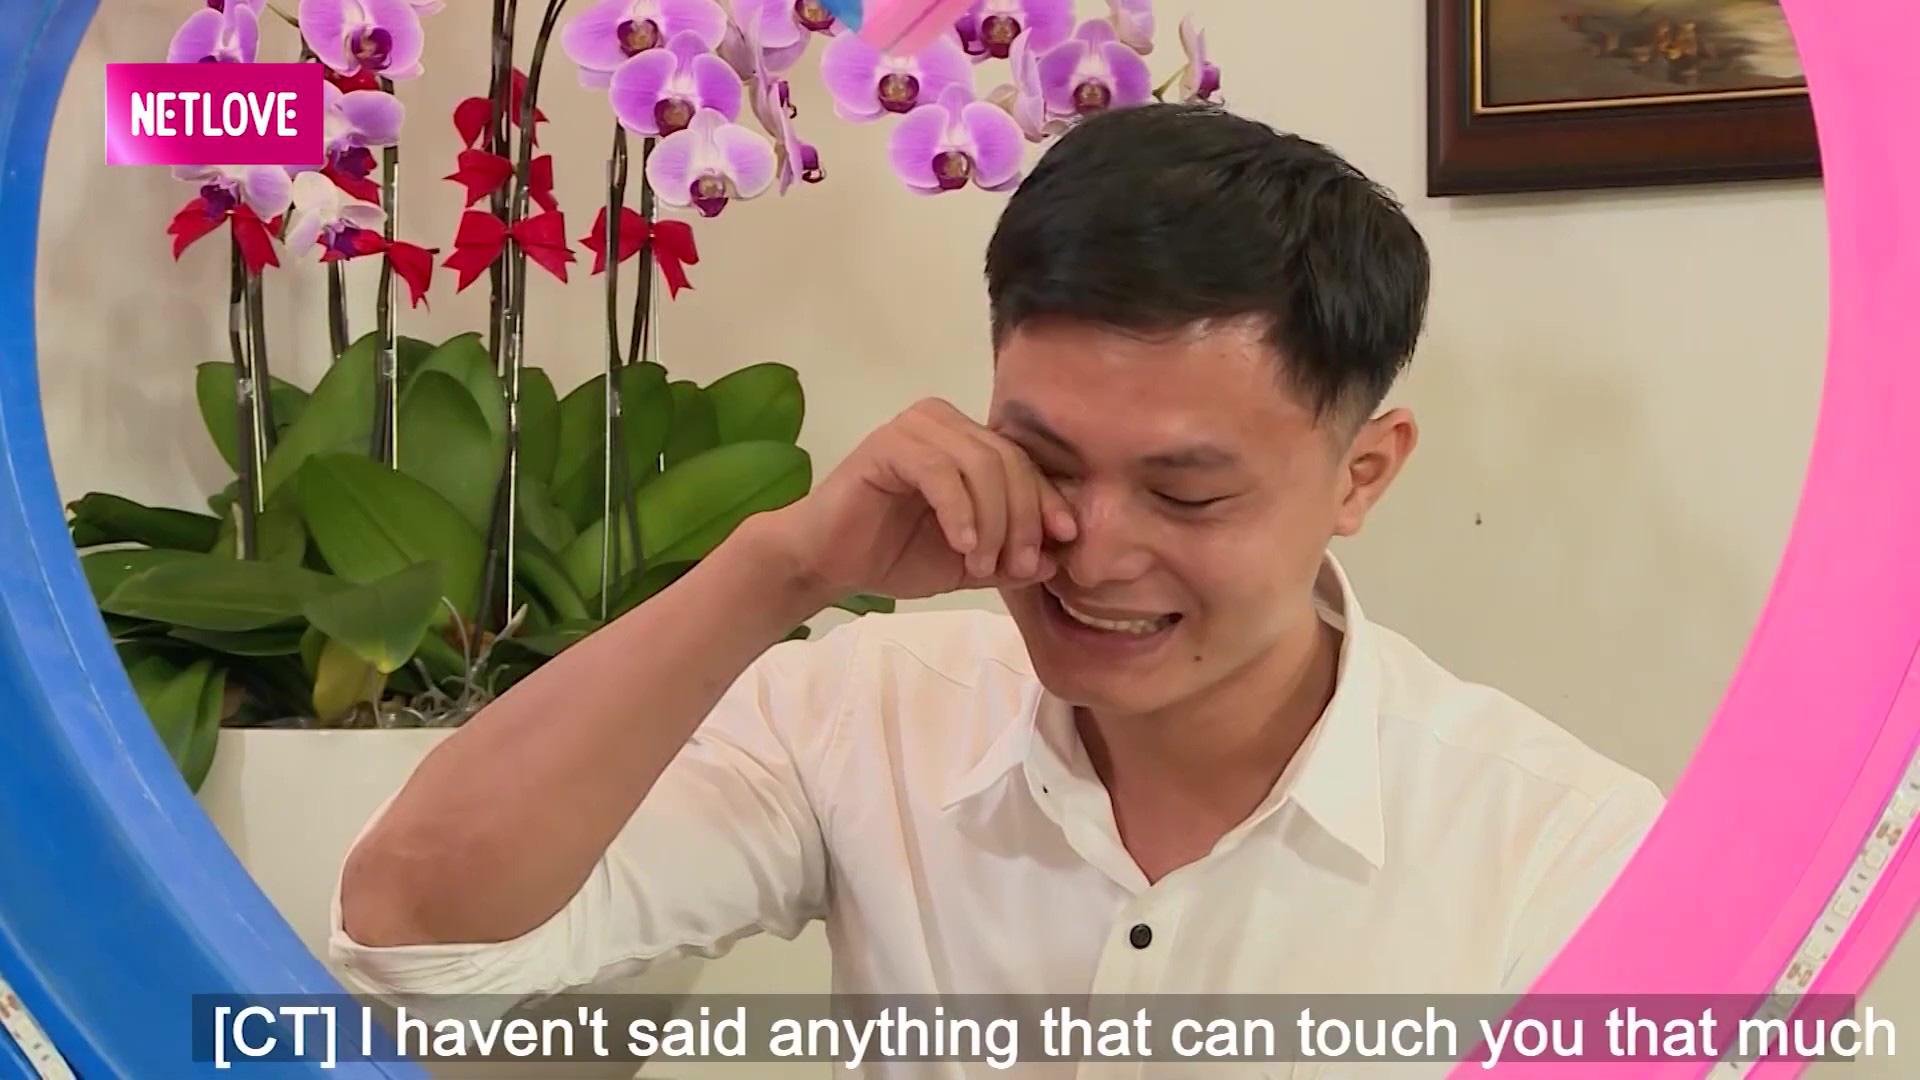 Chàng trai khóc liên tục khi đi hẹn hò, bất ngờ cô gái xinh đẹp lại thích - Ảnh 6.